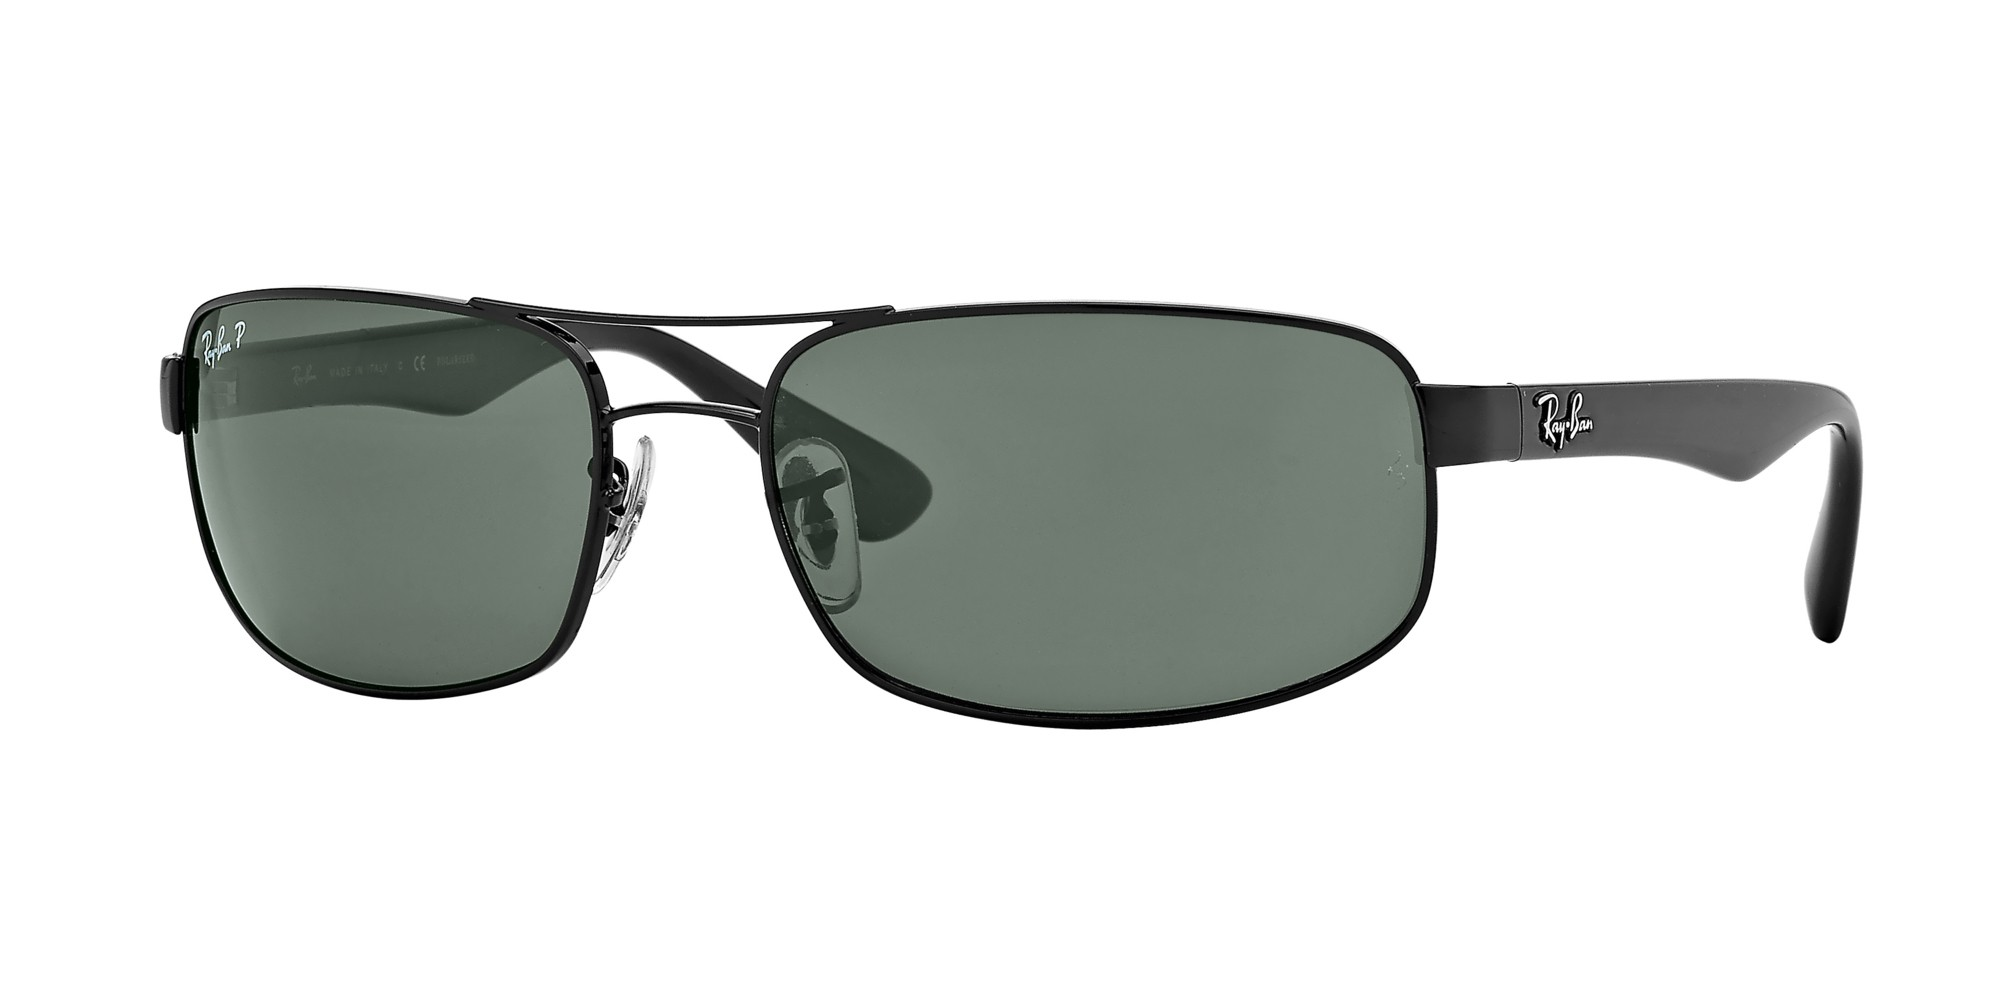 3df5d73eacc970 Authentic Ray-Ban Rb3445 Prescription Sunglasses